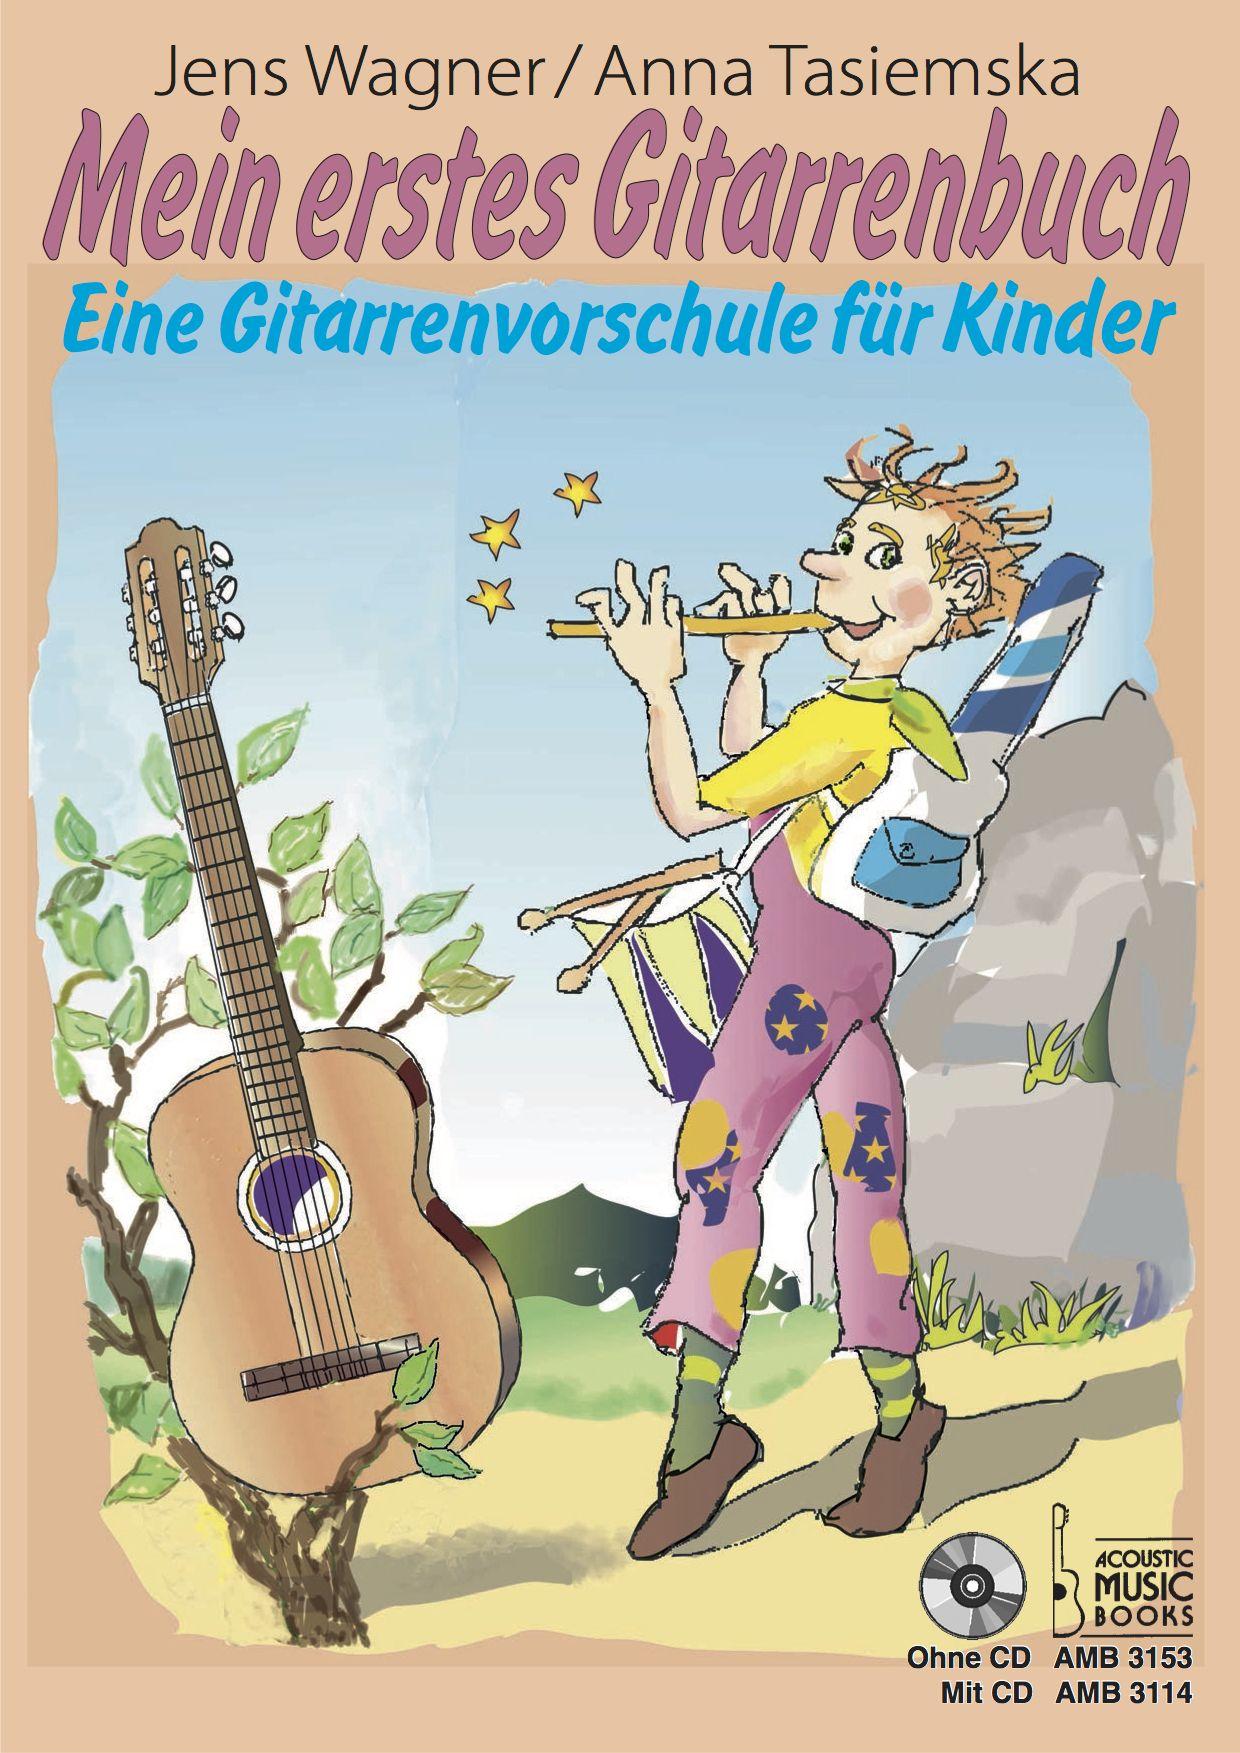 Briefe Mit Vergifteter Cd : Mein erstes gitarrenbuch von tasiemska anna wagner